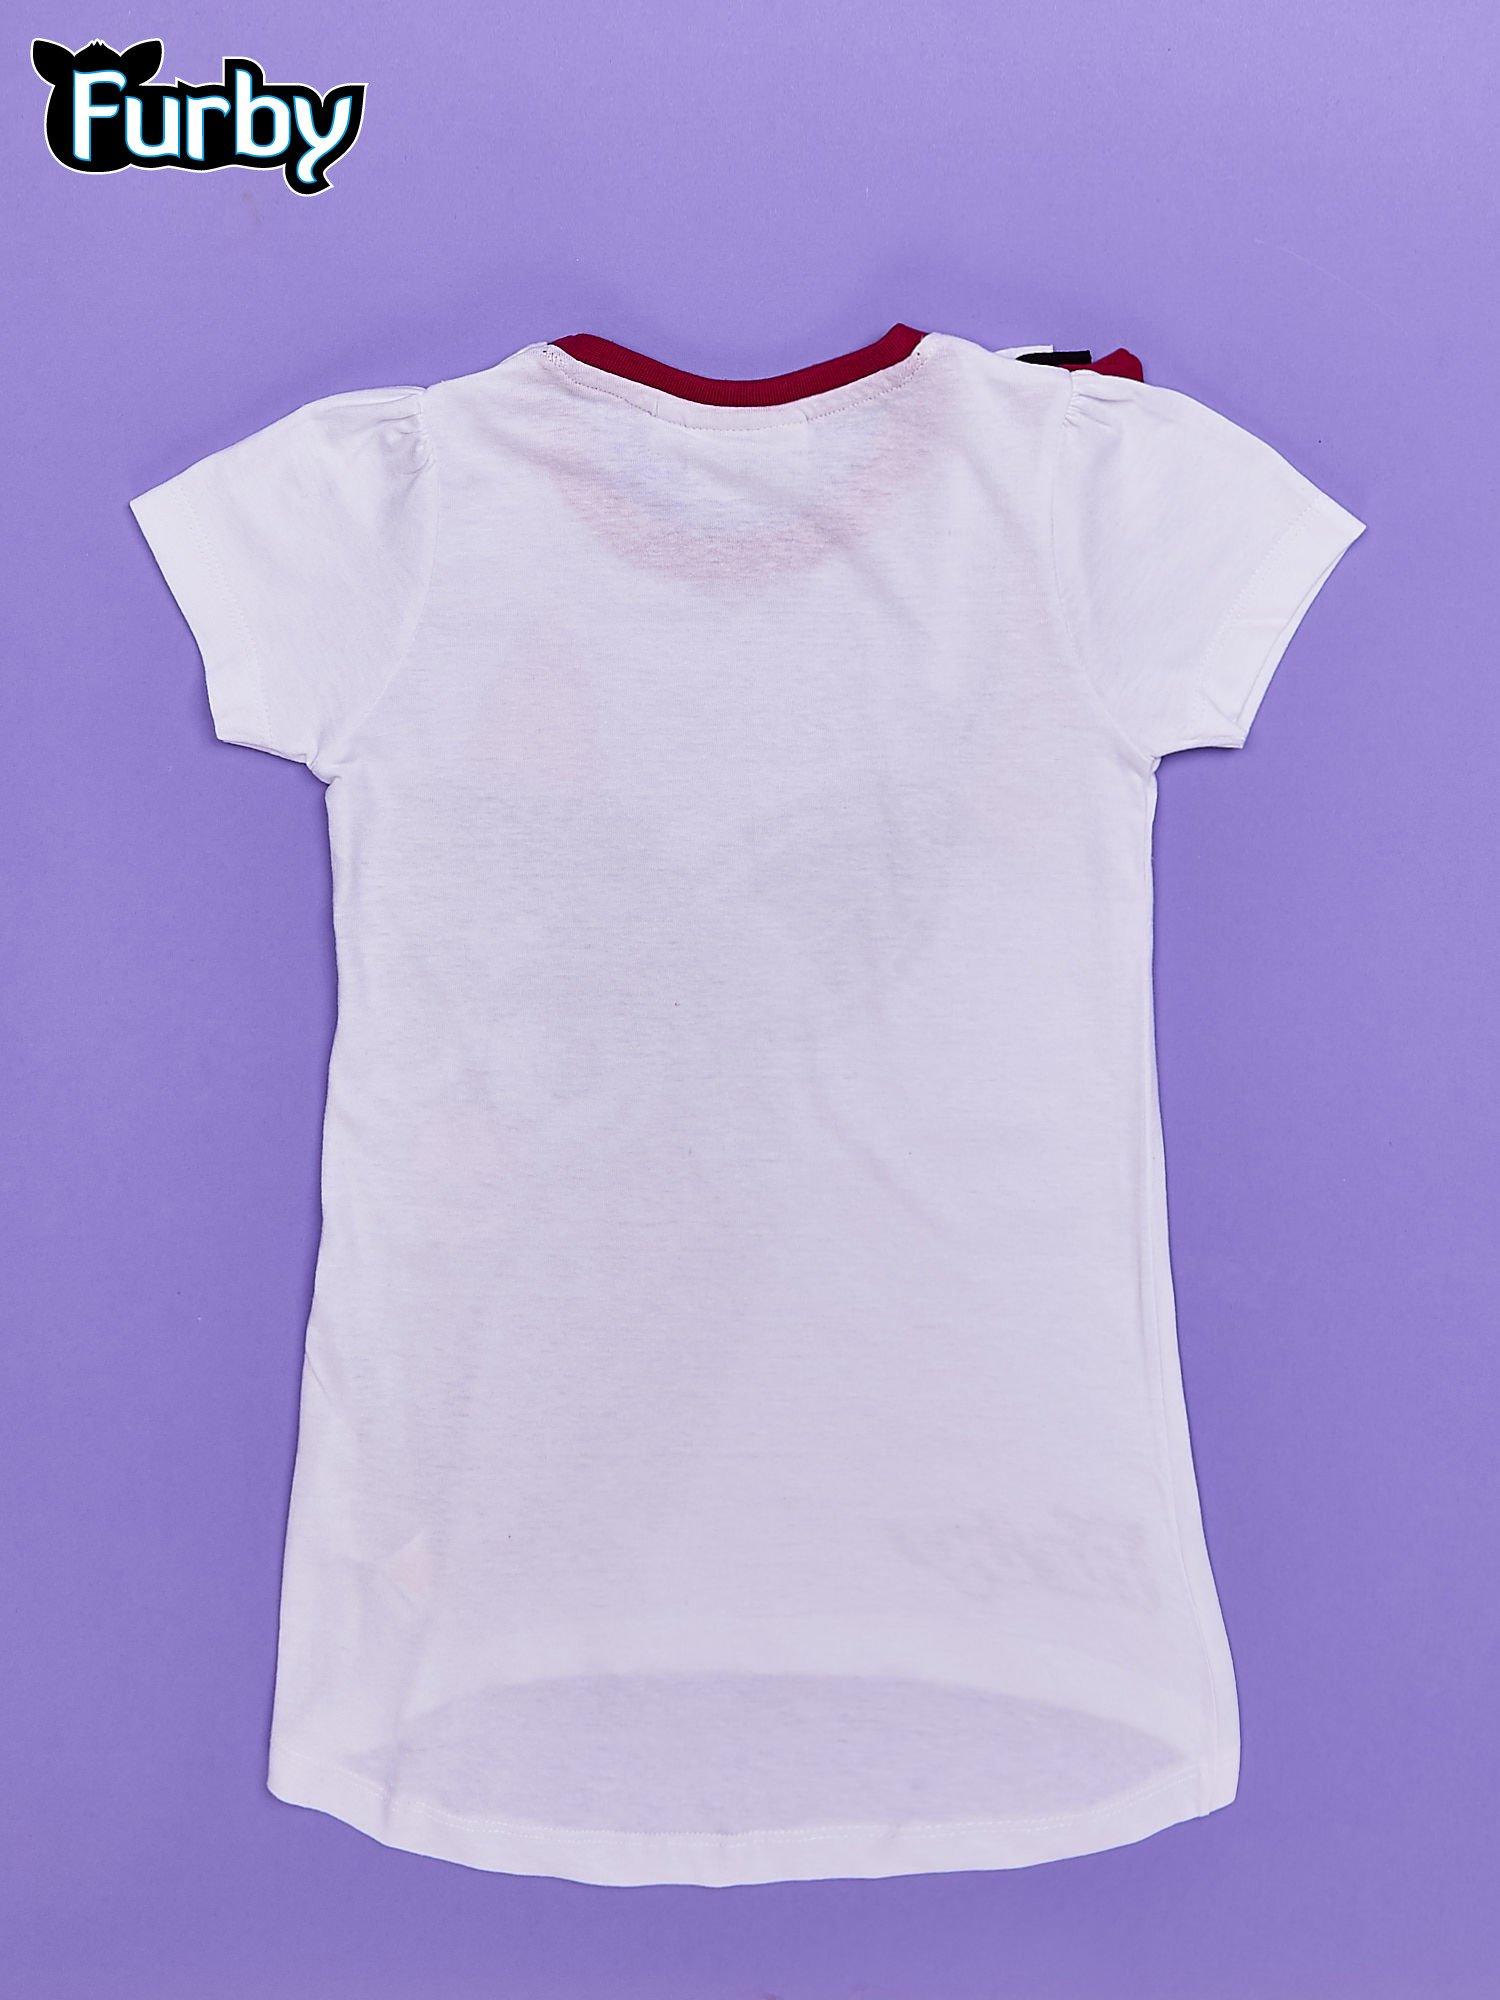 Biała tunika dla dziewczynki z nadrukiem FURBY                                  zdj.                                  2